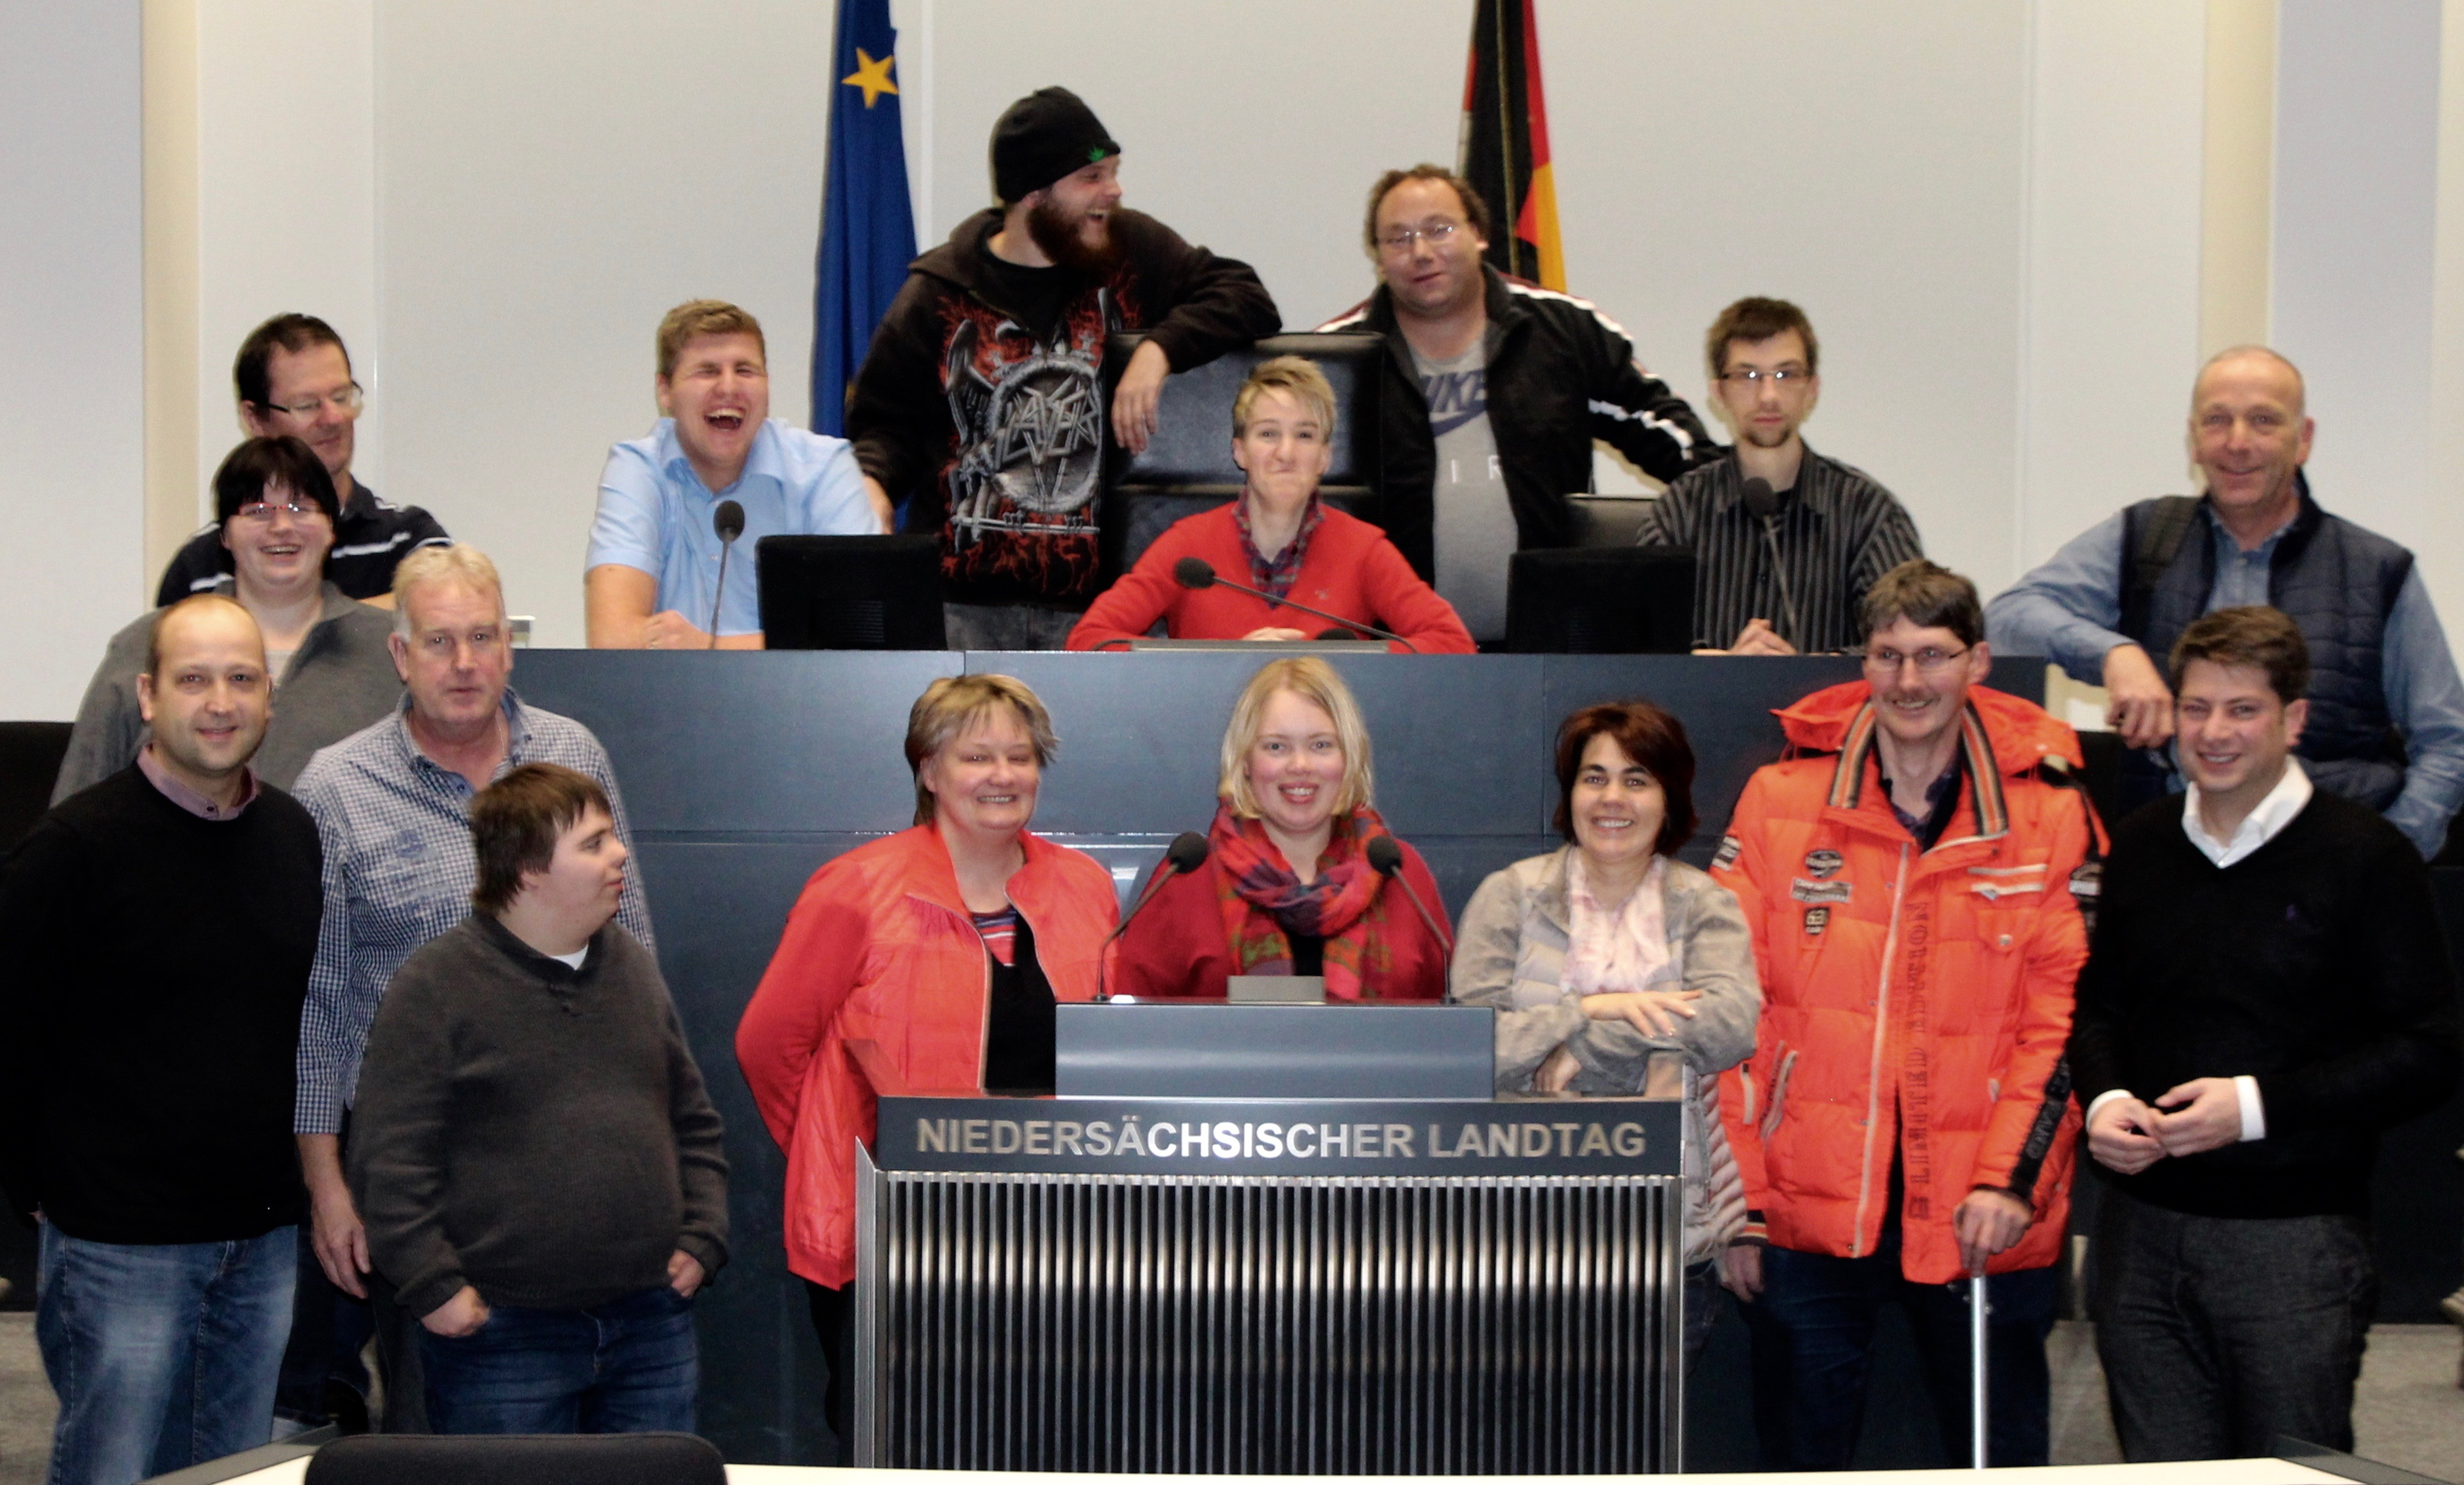 Zu Besuch im Landtag: Die HPH Bersenbrück zusammen mit Christian Calderone im Plenarsaal. Foto: privat